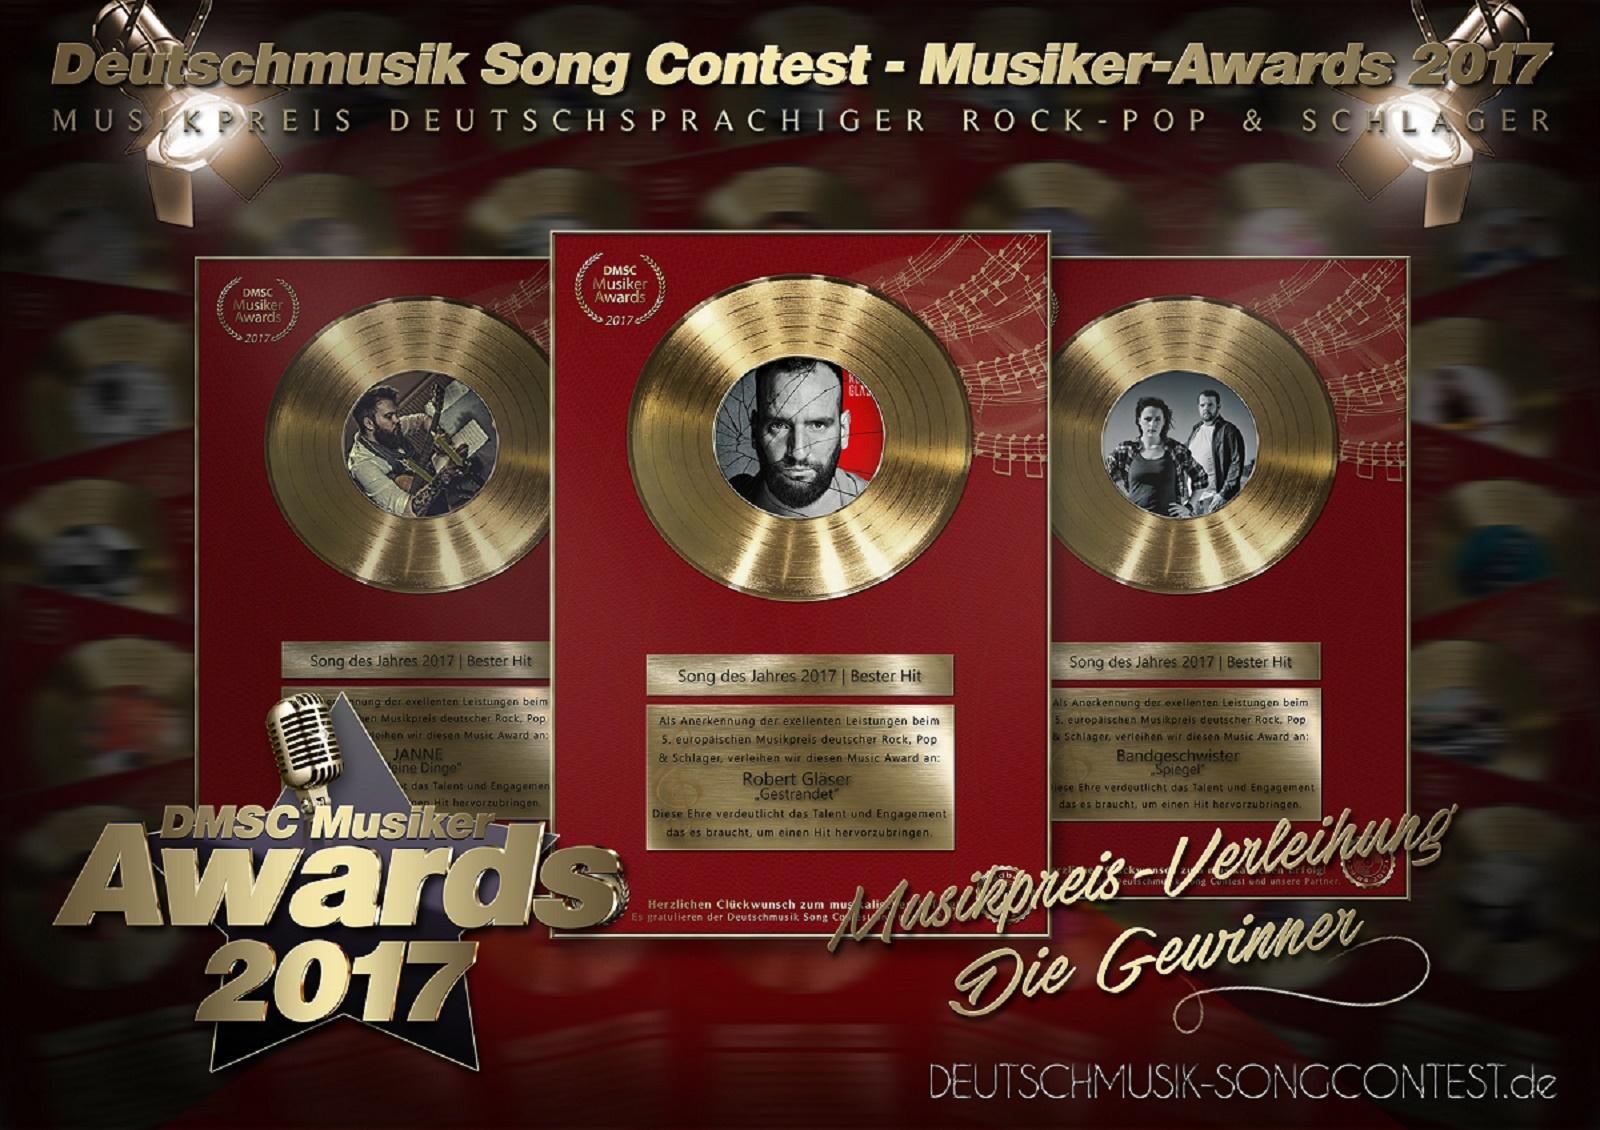 Deutschmusik Song Contest 2017 - Die Gewinner der Musikpreis-Verleihung